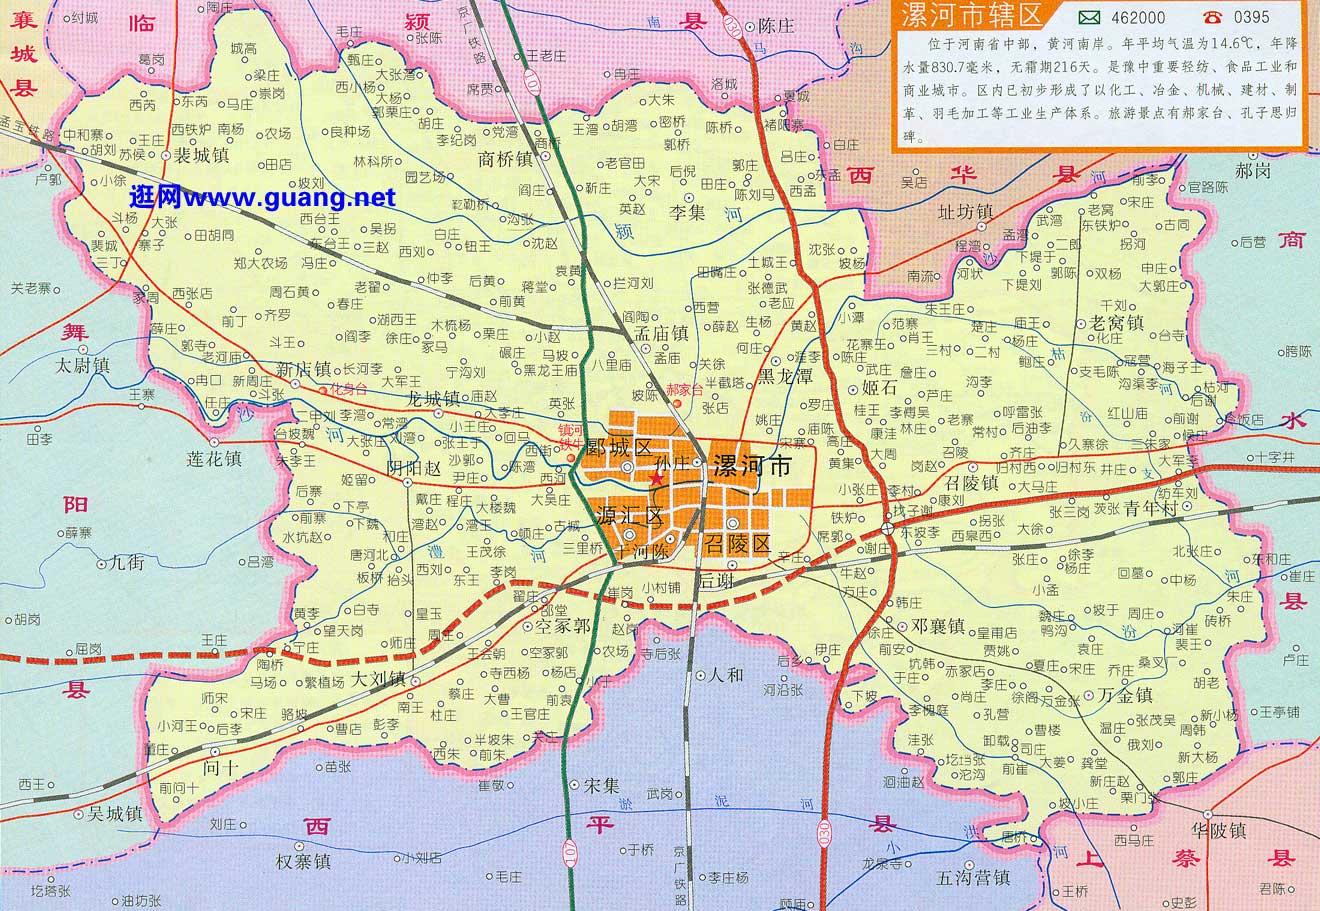 2015年版漯河地图